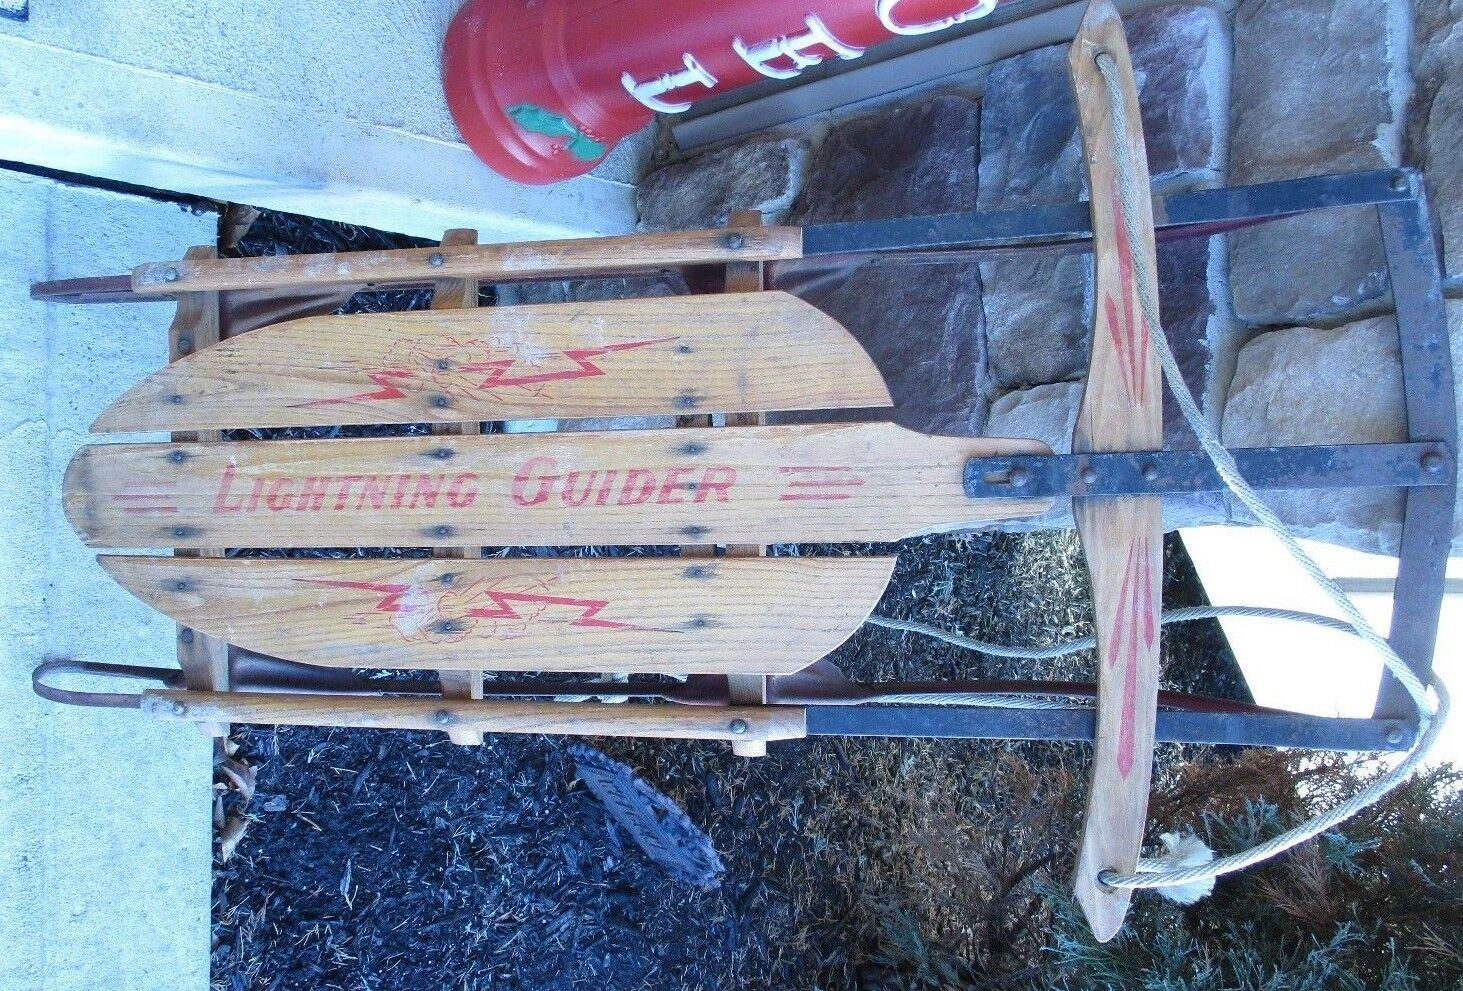 Vintage  Lightening Guider  Snow Sled Standard Novelty Works -  PA